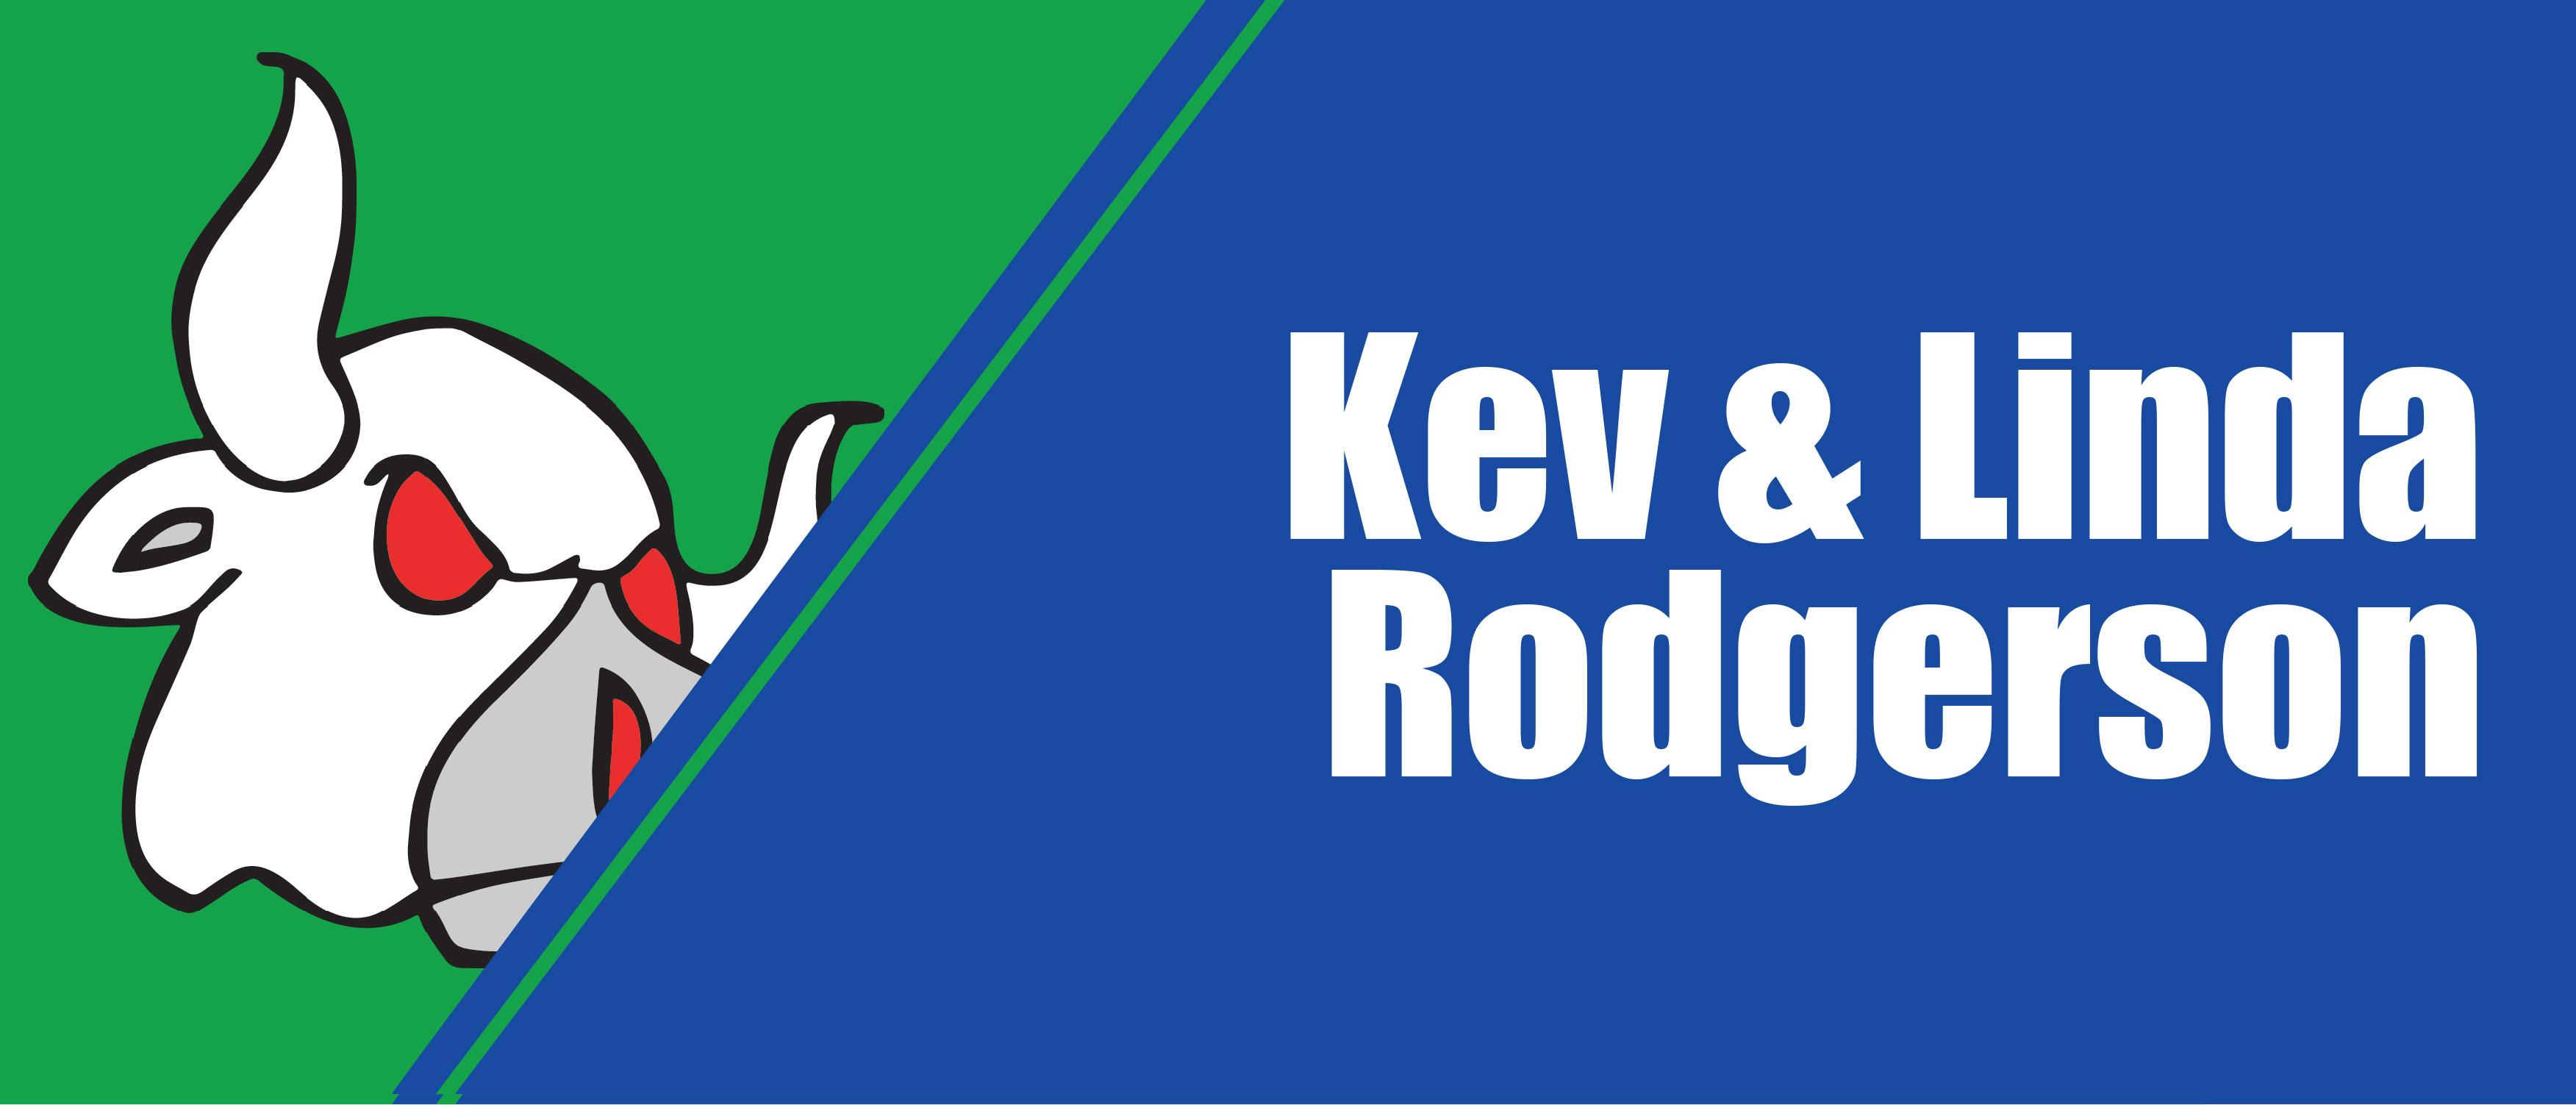 Kev & Linda Rodgerson